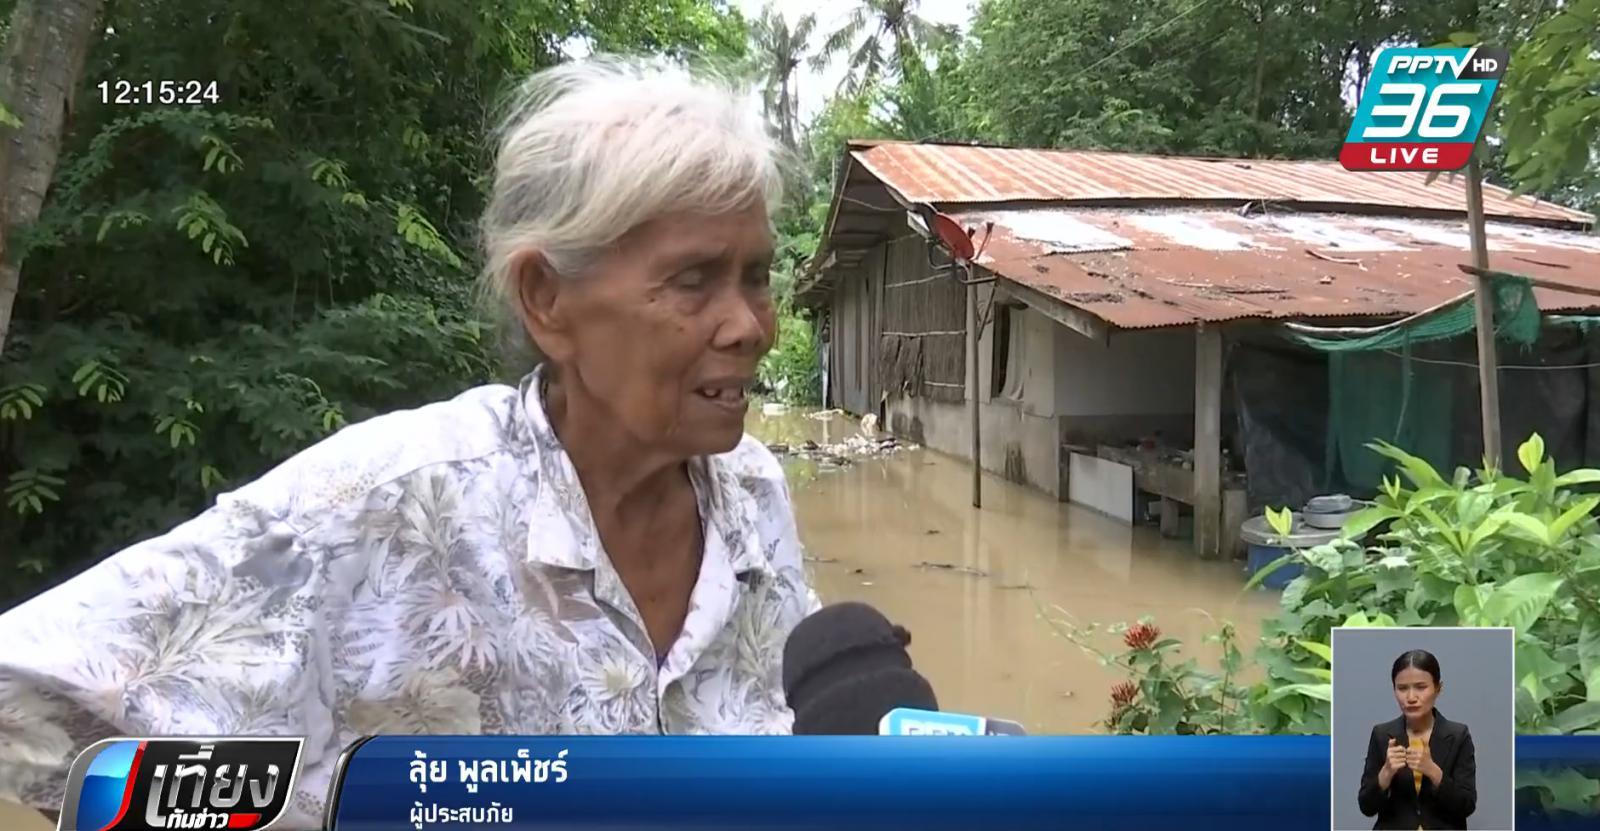 เพชรบุรีน้ำล้น เขื่อนแม่ประจันต์ เข้าท่วมตัวเมืองบ้านแหลม